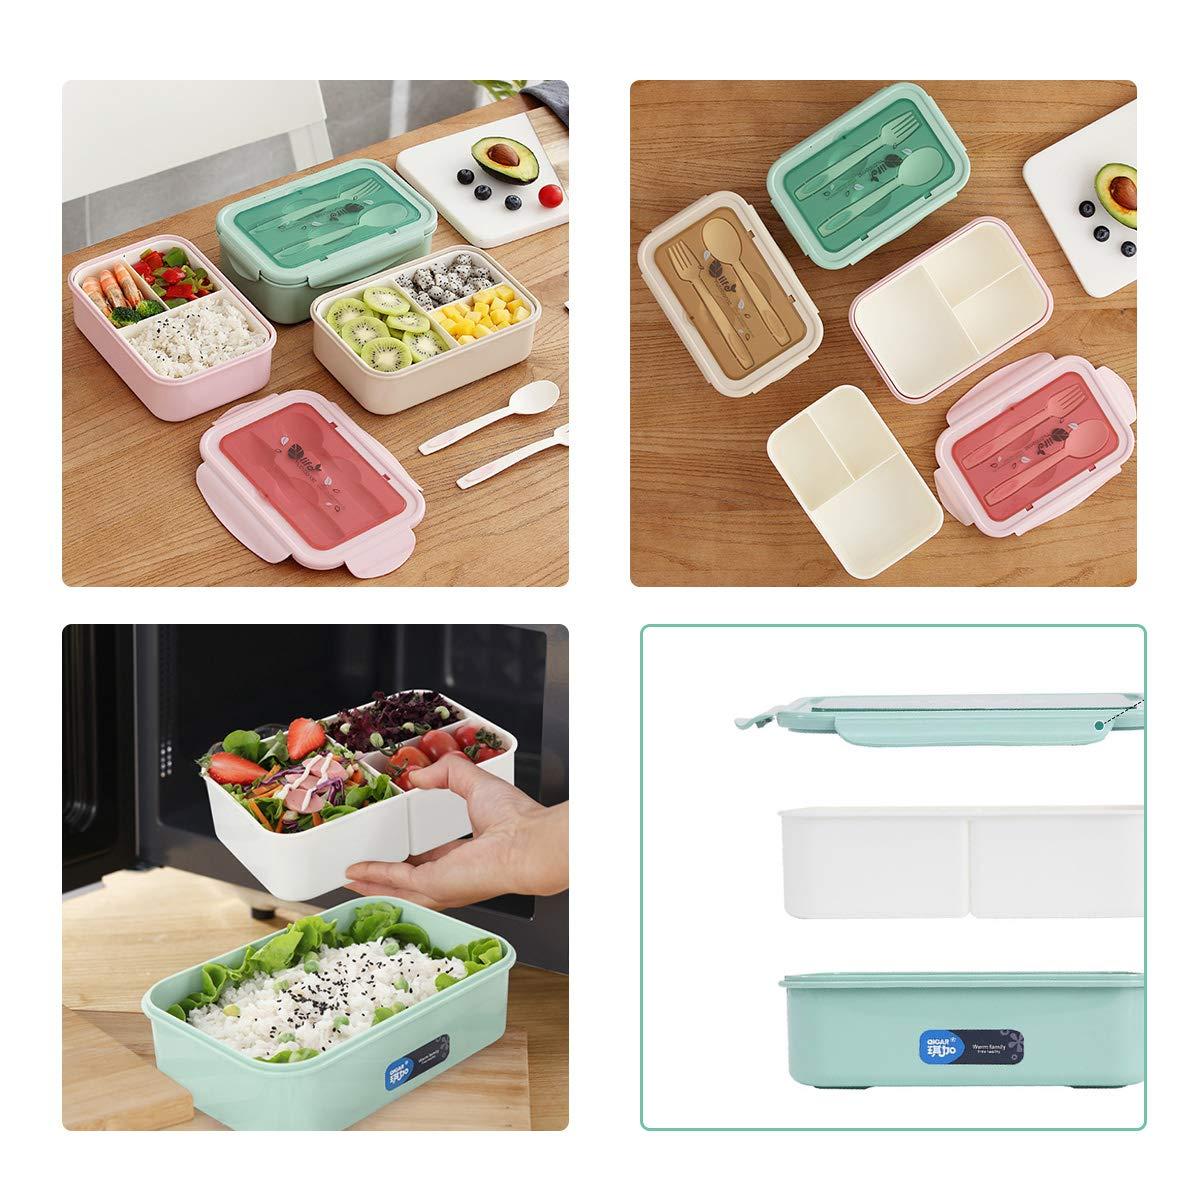 Bento Box con Forchetta e Cucchiaio per Studenti,Porta Pranzo con 3 Scomparti,Microonde//Frigo//Lavastoviglie,Approvato dalla FDA Beige//Rosa//Verde INSANY Lunch Box